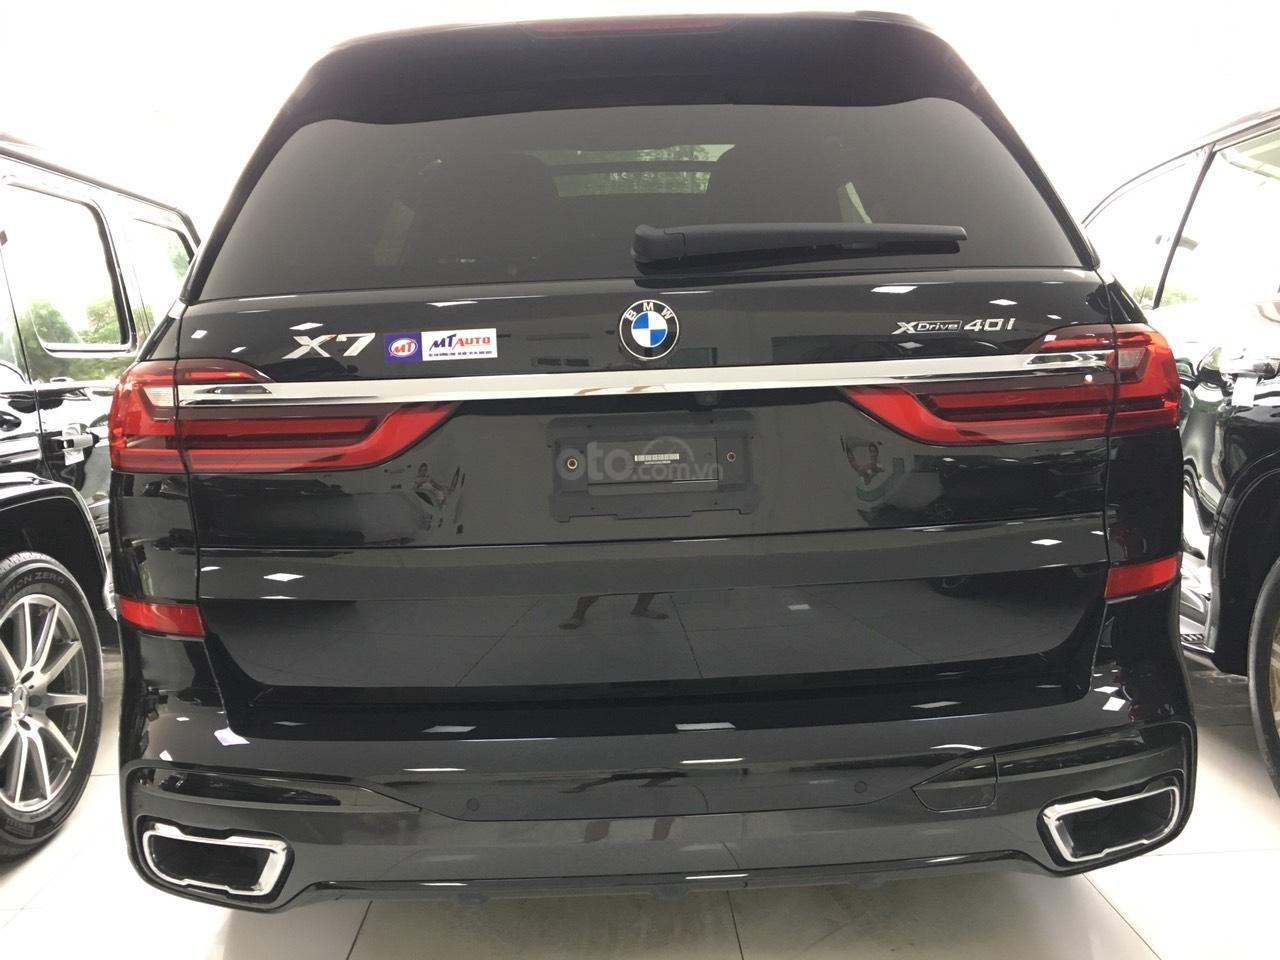 Bán BMW X7 xDrive 40i đời 2020, nhập Mỹ, giao ngay toàn quốc, giá tốt, LH 0945.39.2468 Ms Hương (3)